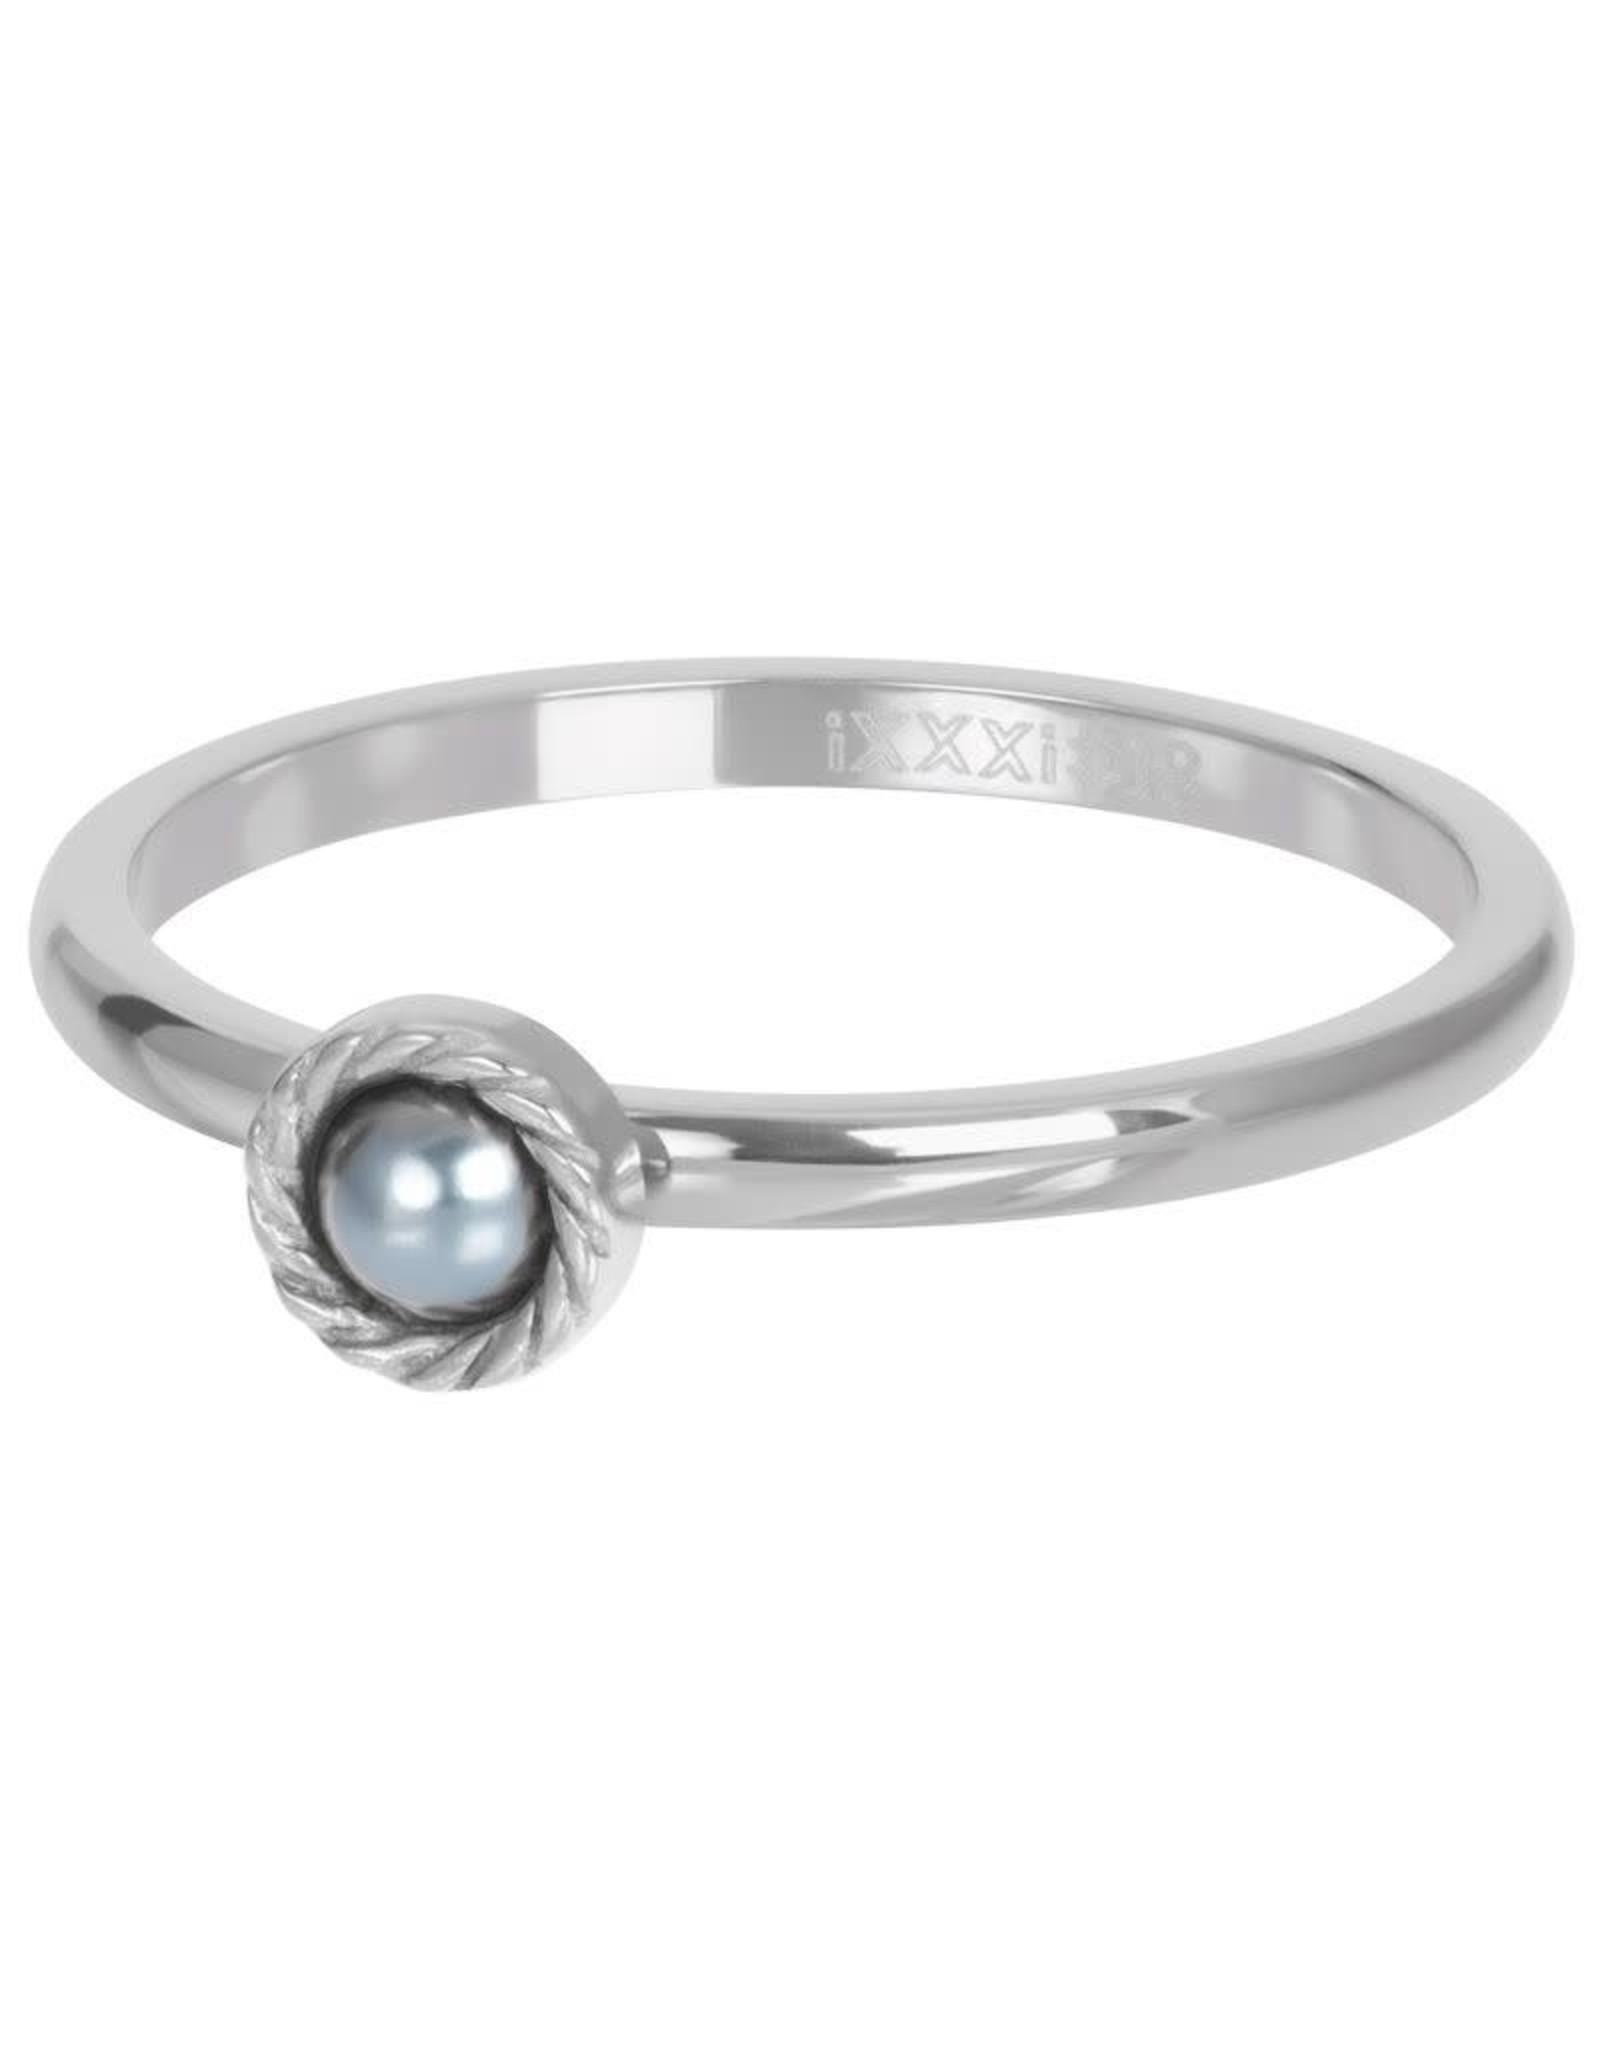 IXXXI IXXXI Royal Grey ring Silver